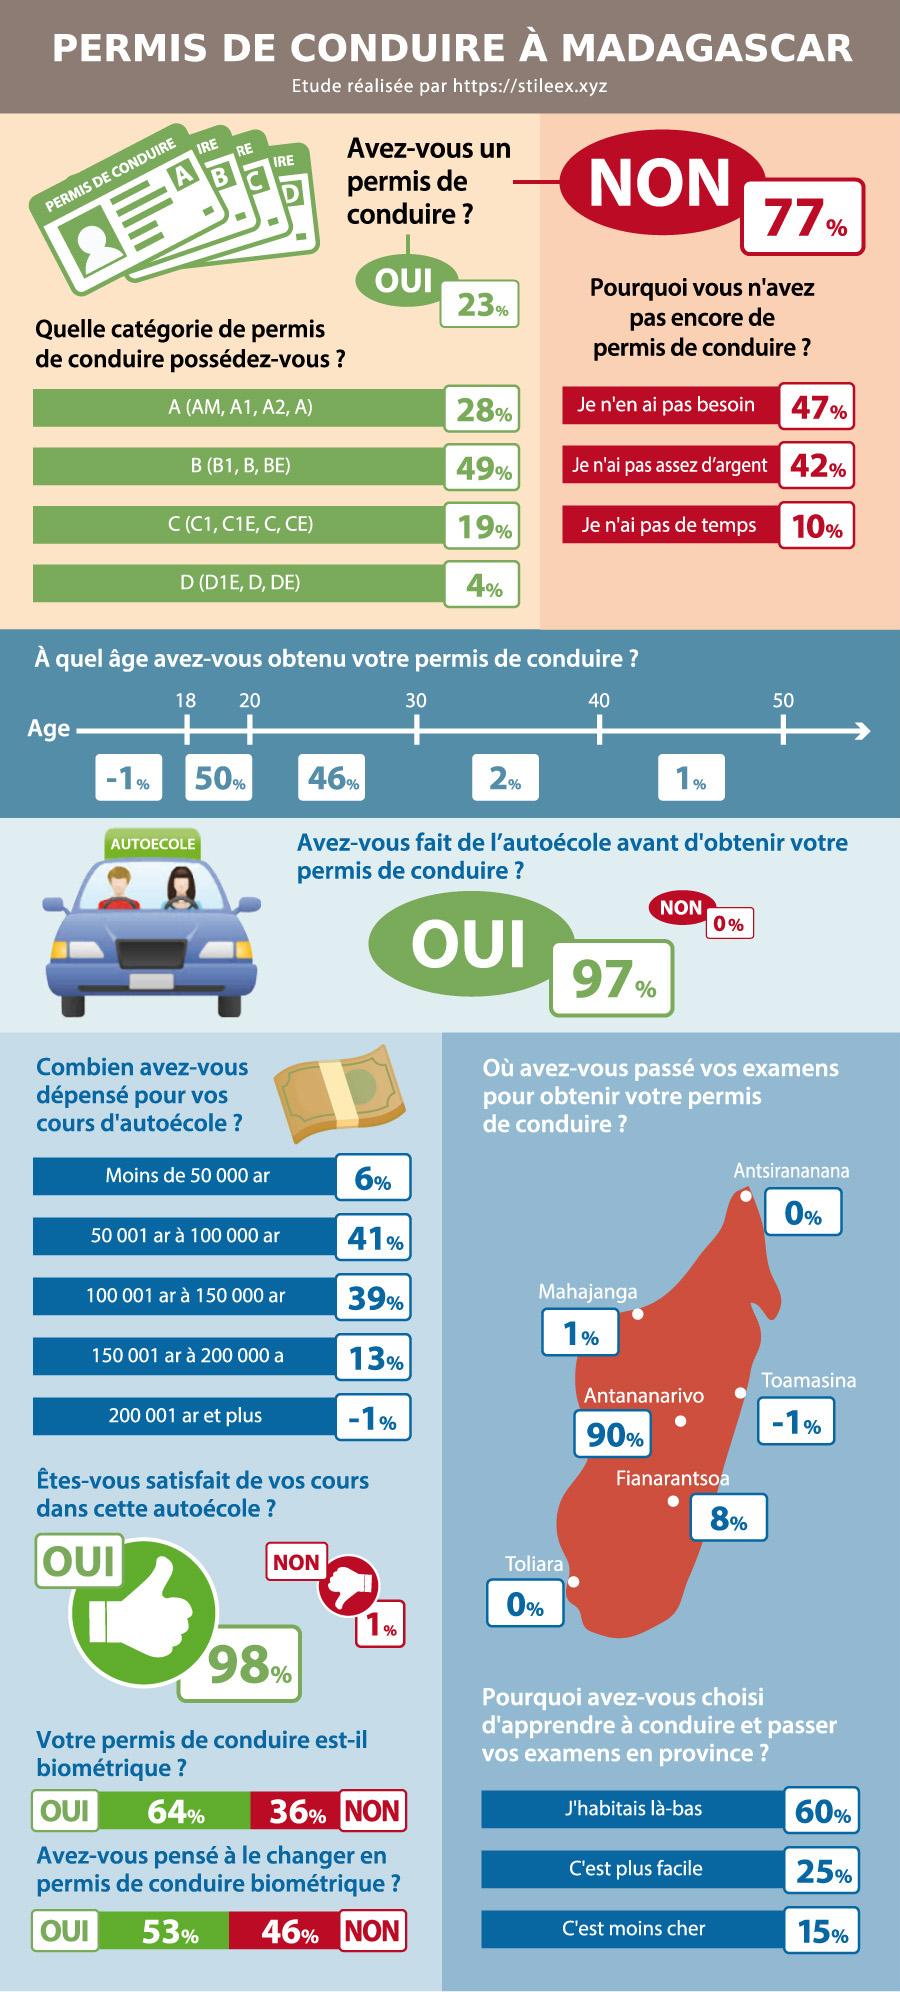 L'avis des Tananariviens sur le permis de conduire à Madagascar